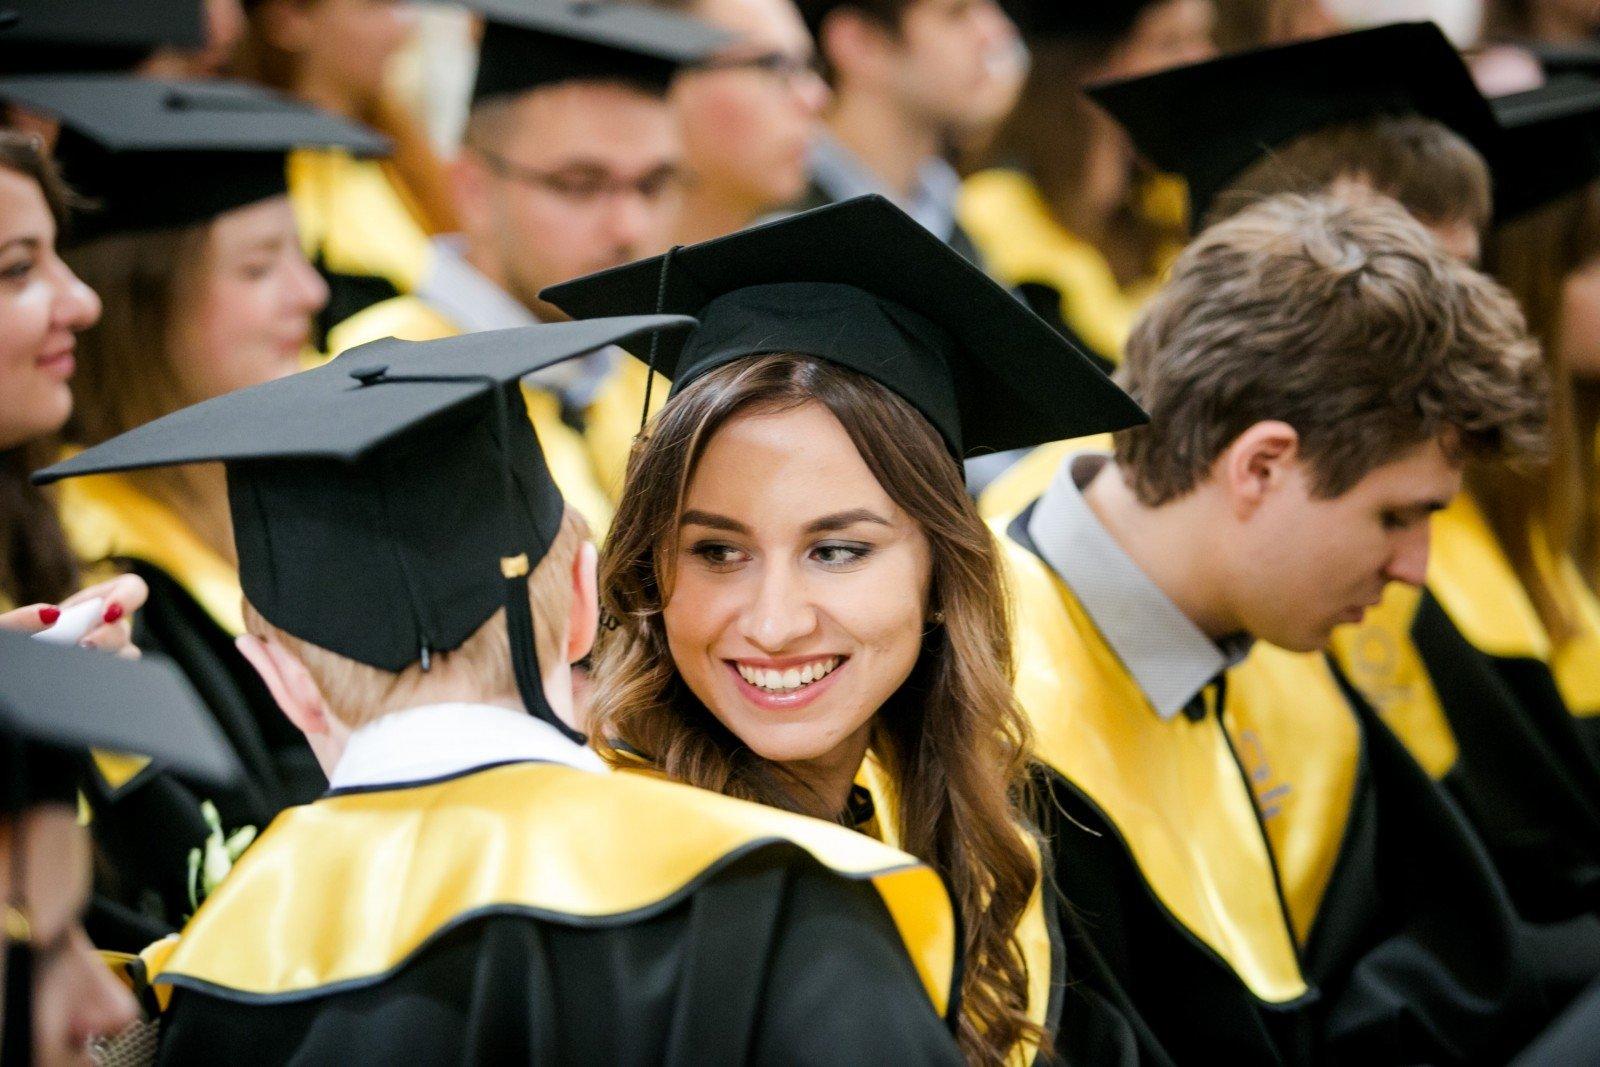 В Вильнюсе торжественная церемония вручения дипломов выпускникам  В Вильнюсе торжественная церемония вручения дипломов выпускникам ЕГУ